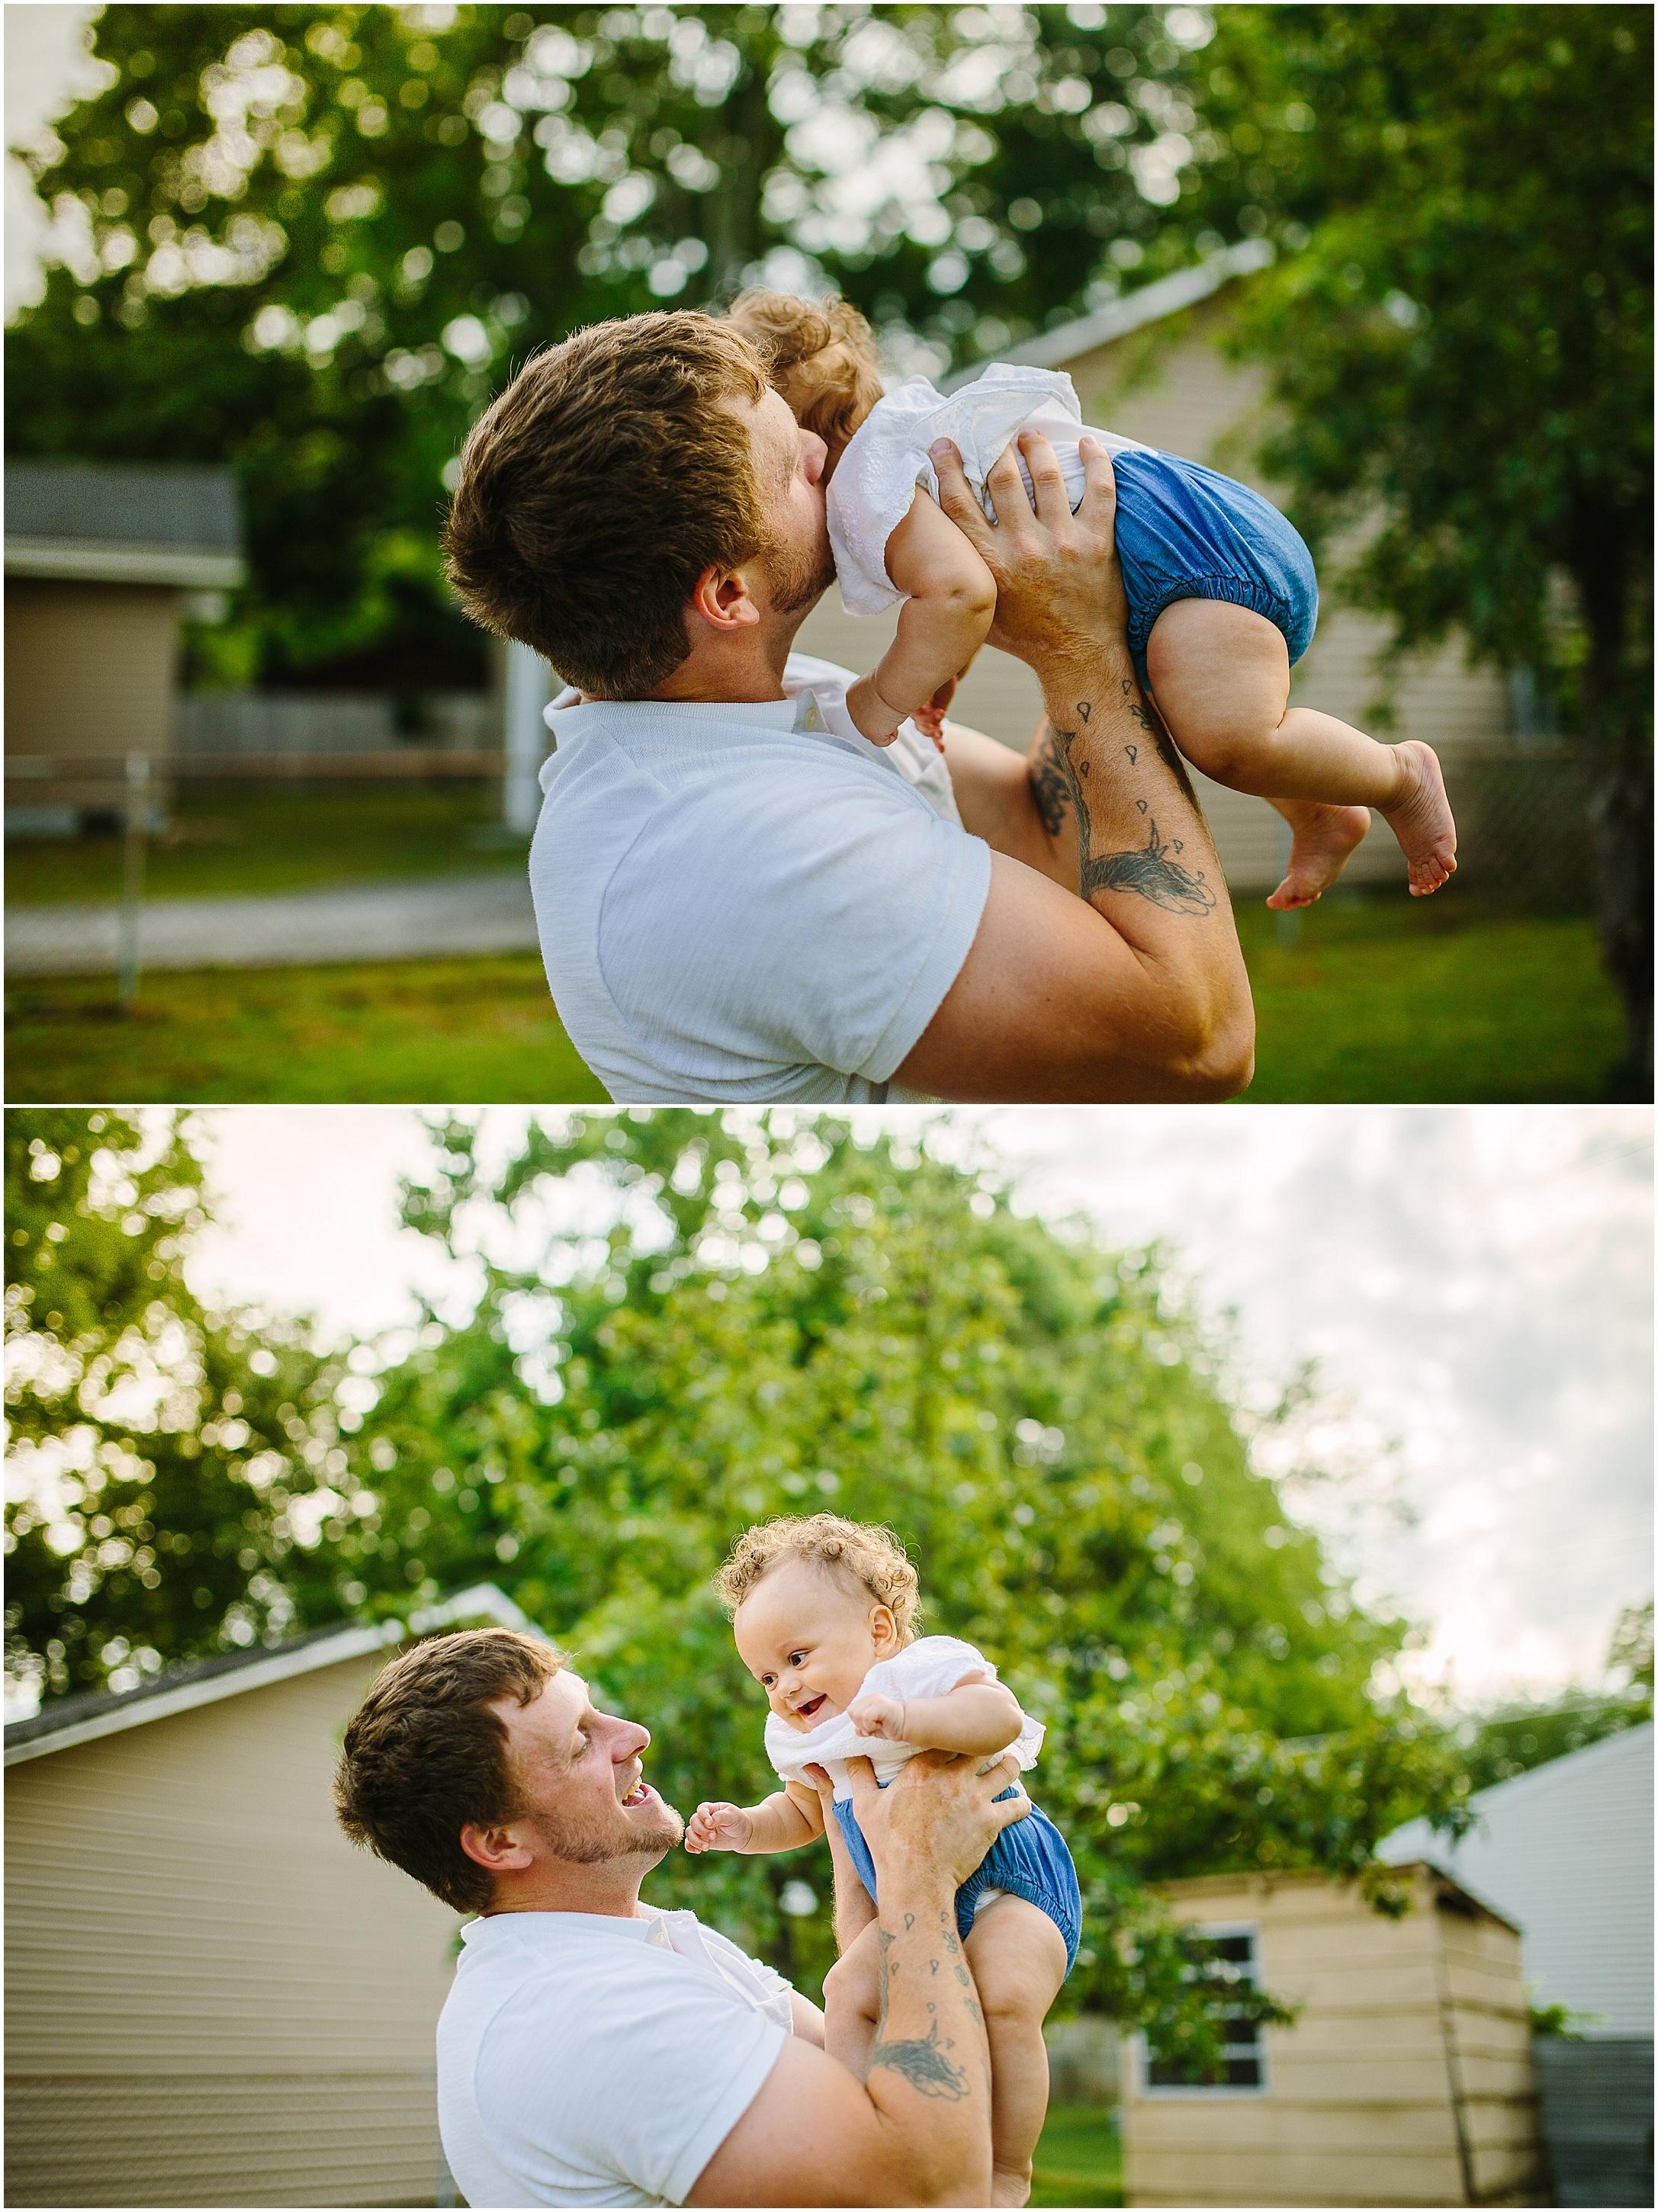 Chattanooga documentary style family photography; Emily Lapish_0033